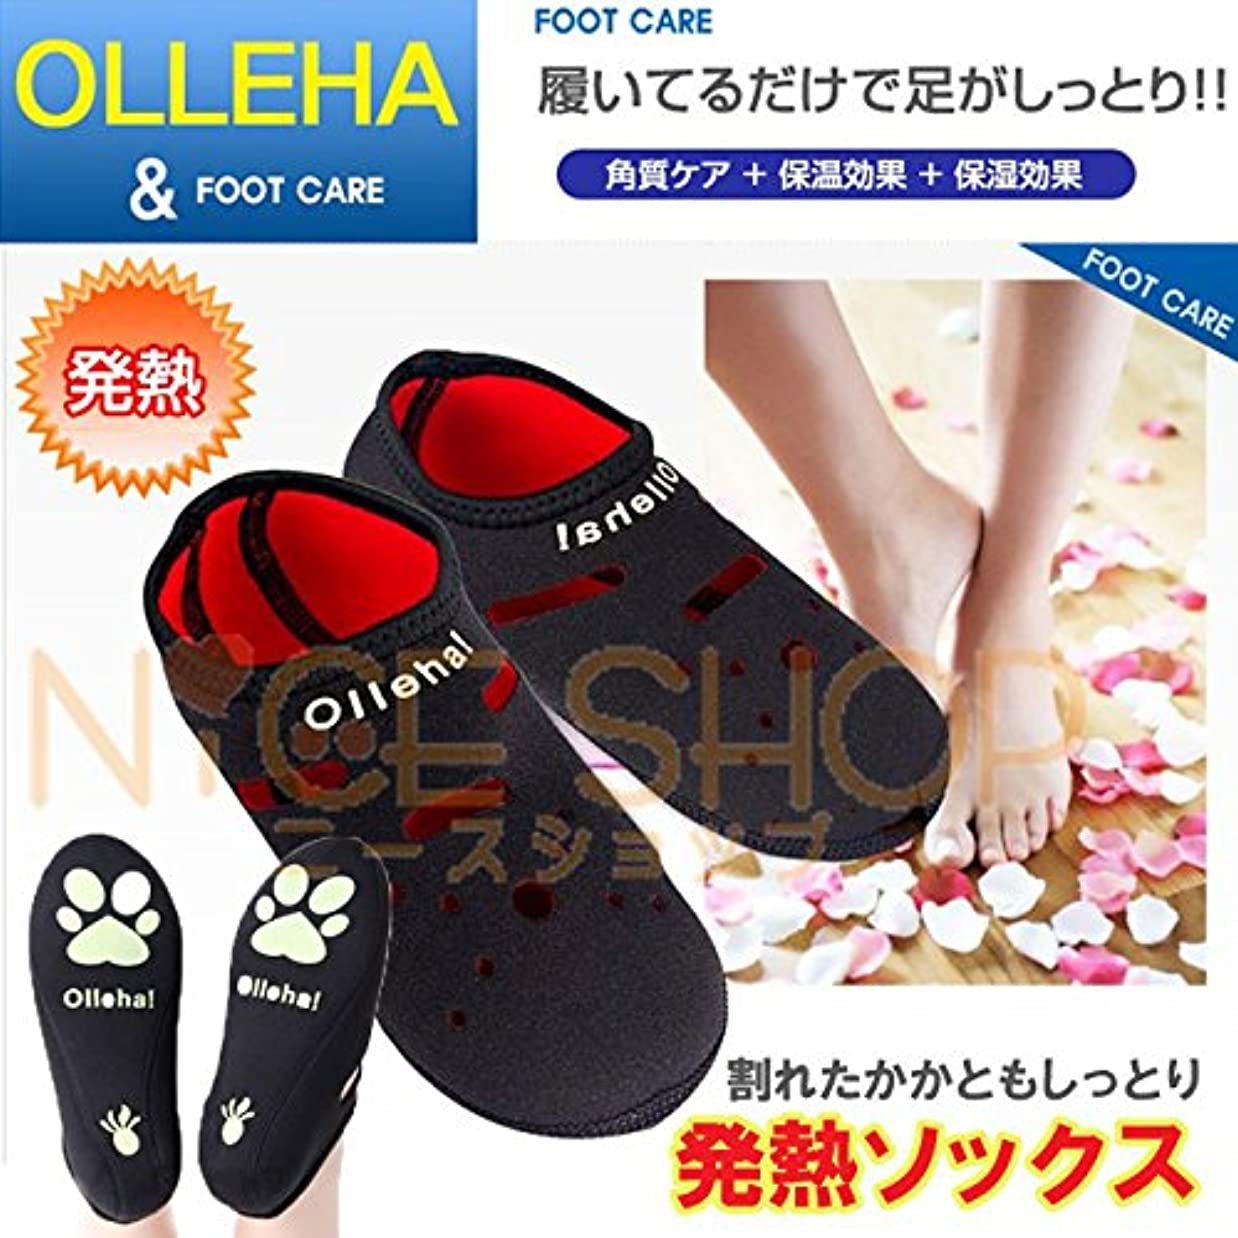 他の場所記念品ヨーグルト発熱靴下(足袋)発熱ソックス、フットケアー Olleha! (M(23.5~24.0))